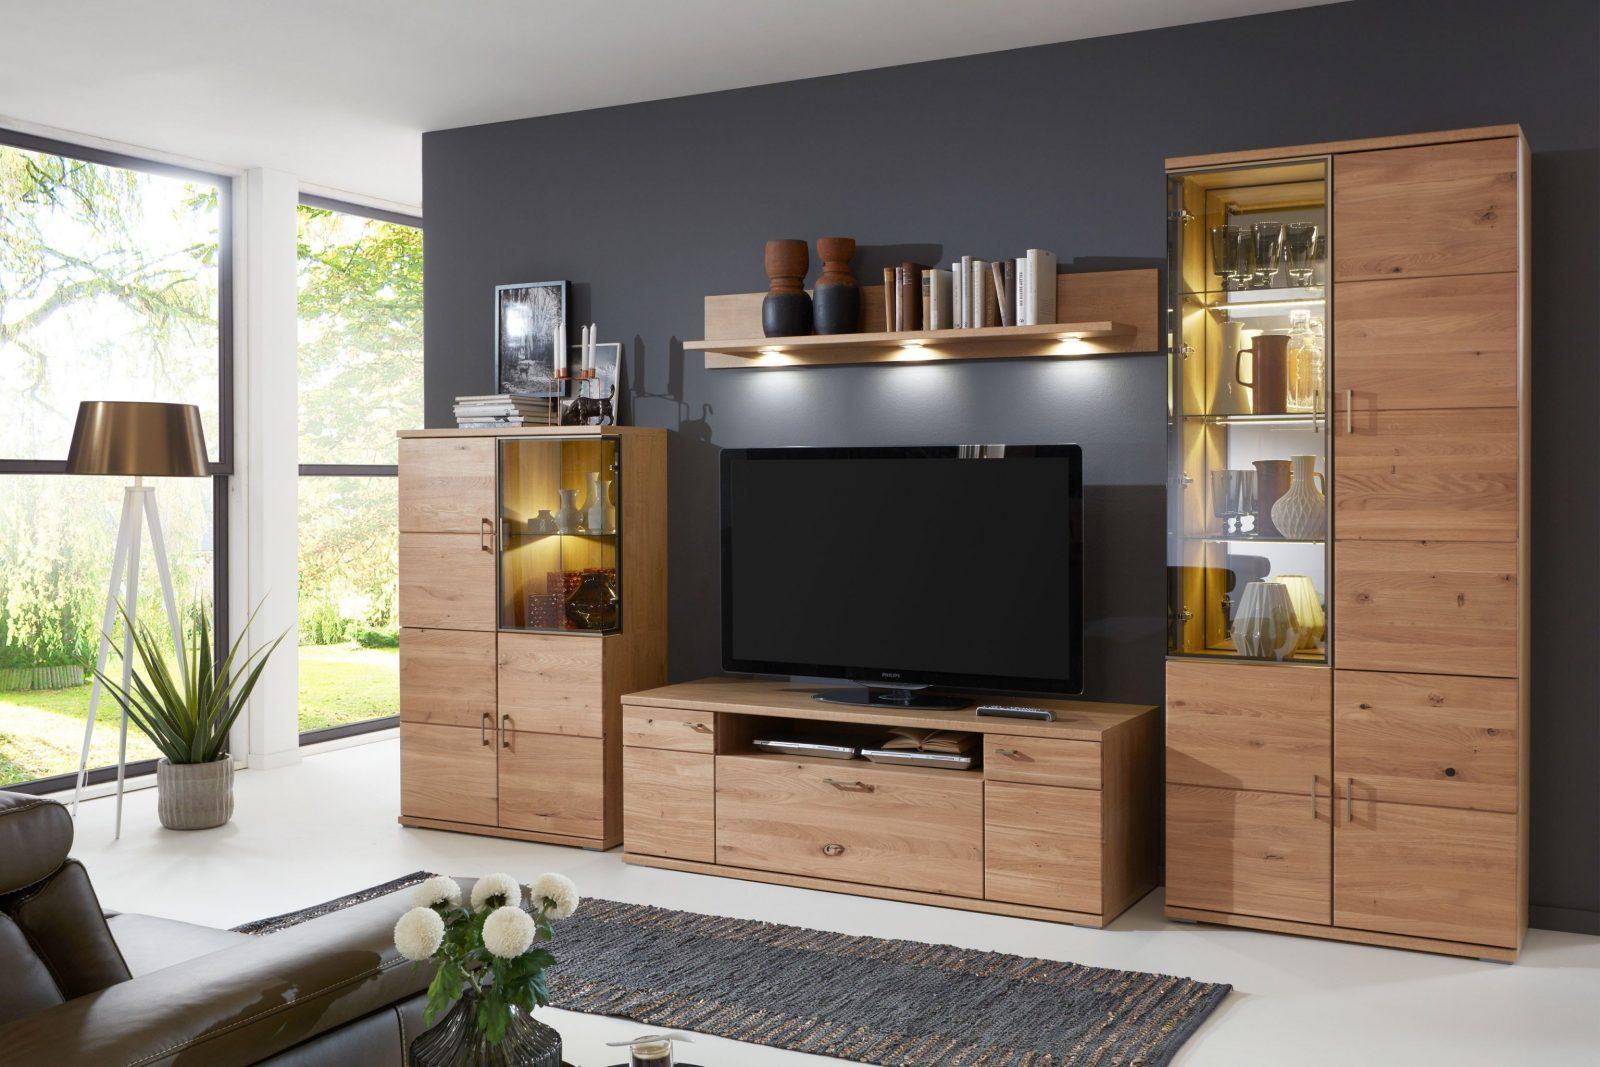 Ideal Möbel Wohnwand Brilon 100 Teilmassive Alteiche  Möbel Letz von Wohnwand Unter 100 Euro Bild